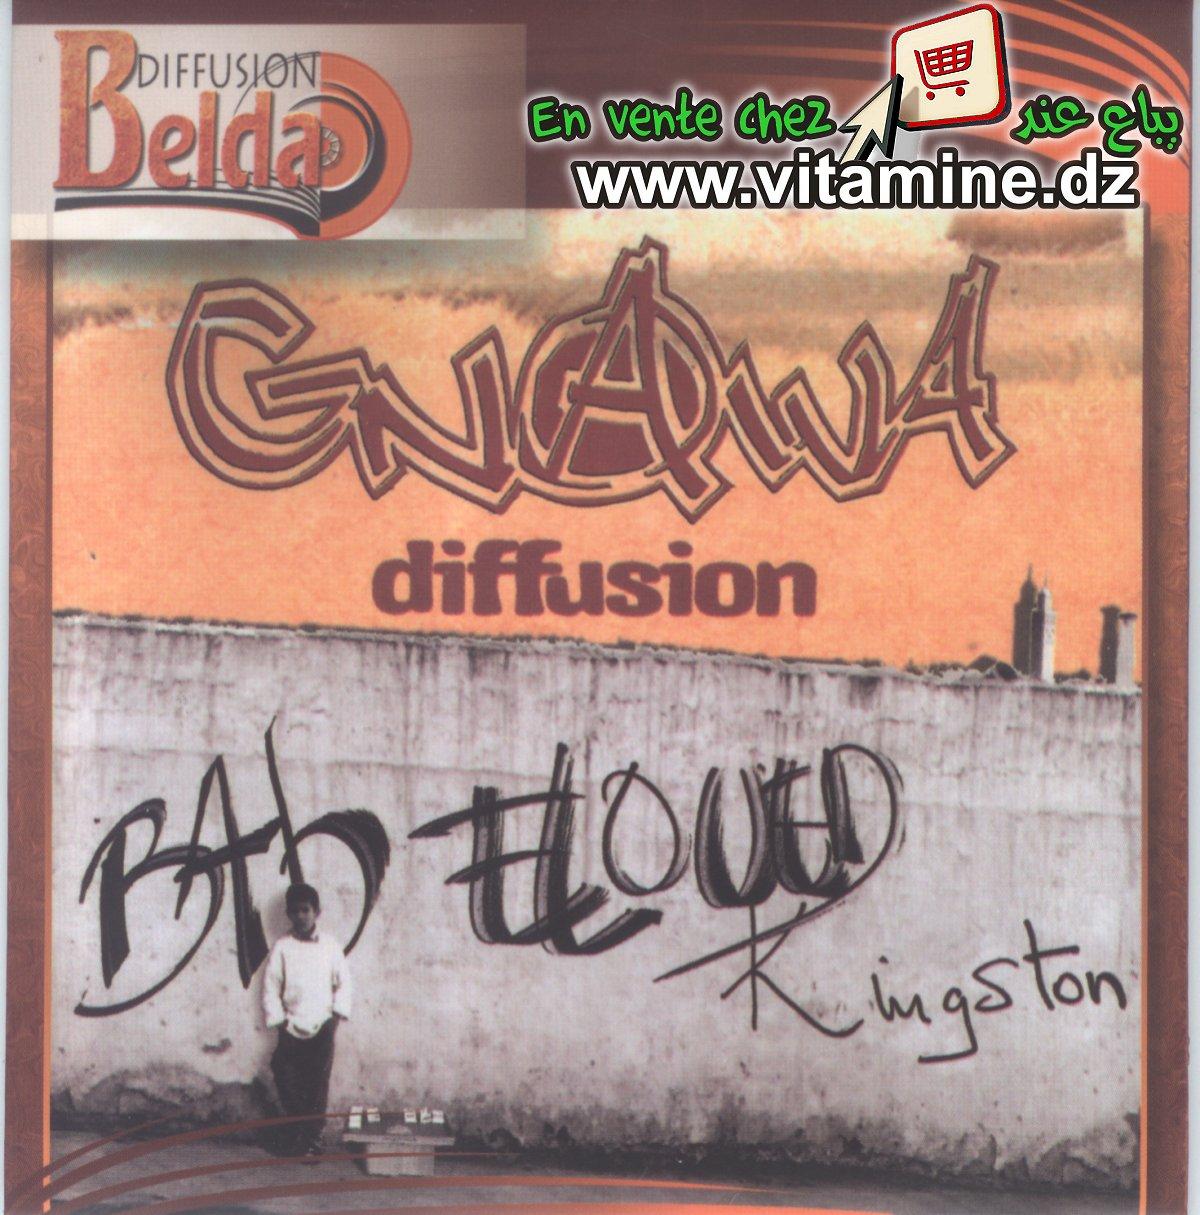 Gnawa diffusion - Bab Eloued Kingston